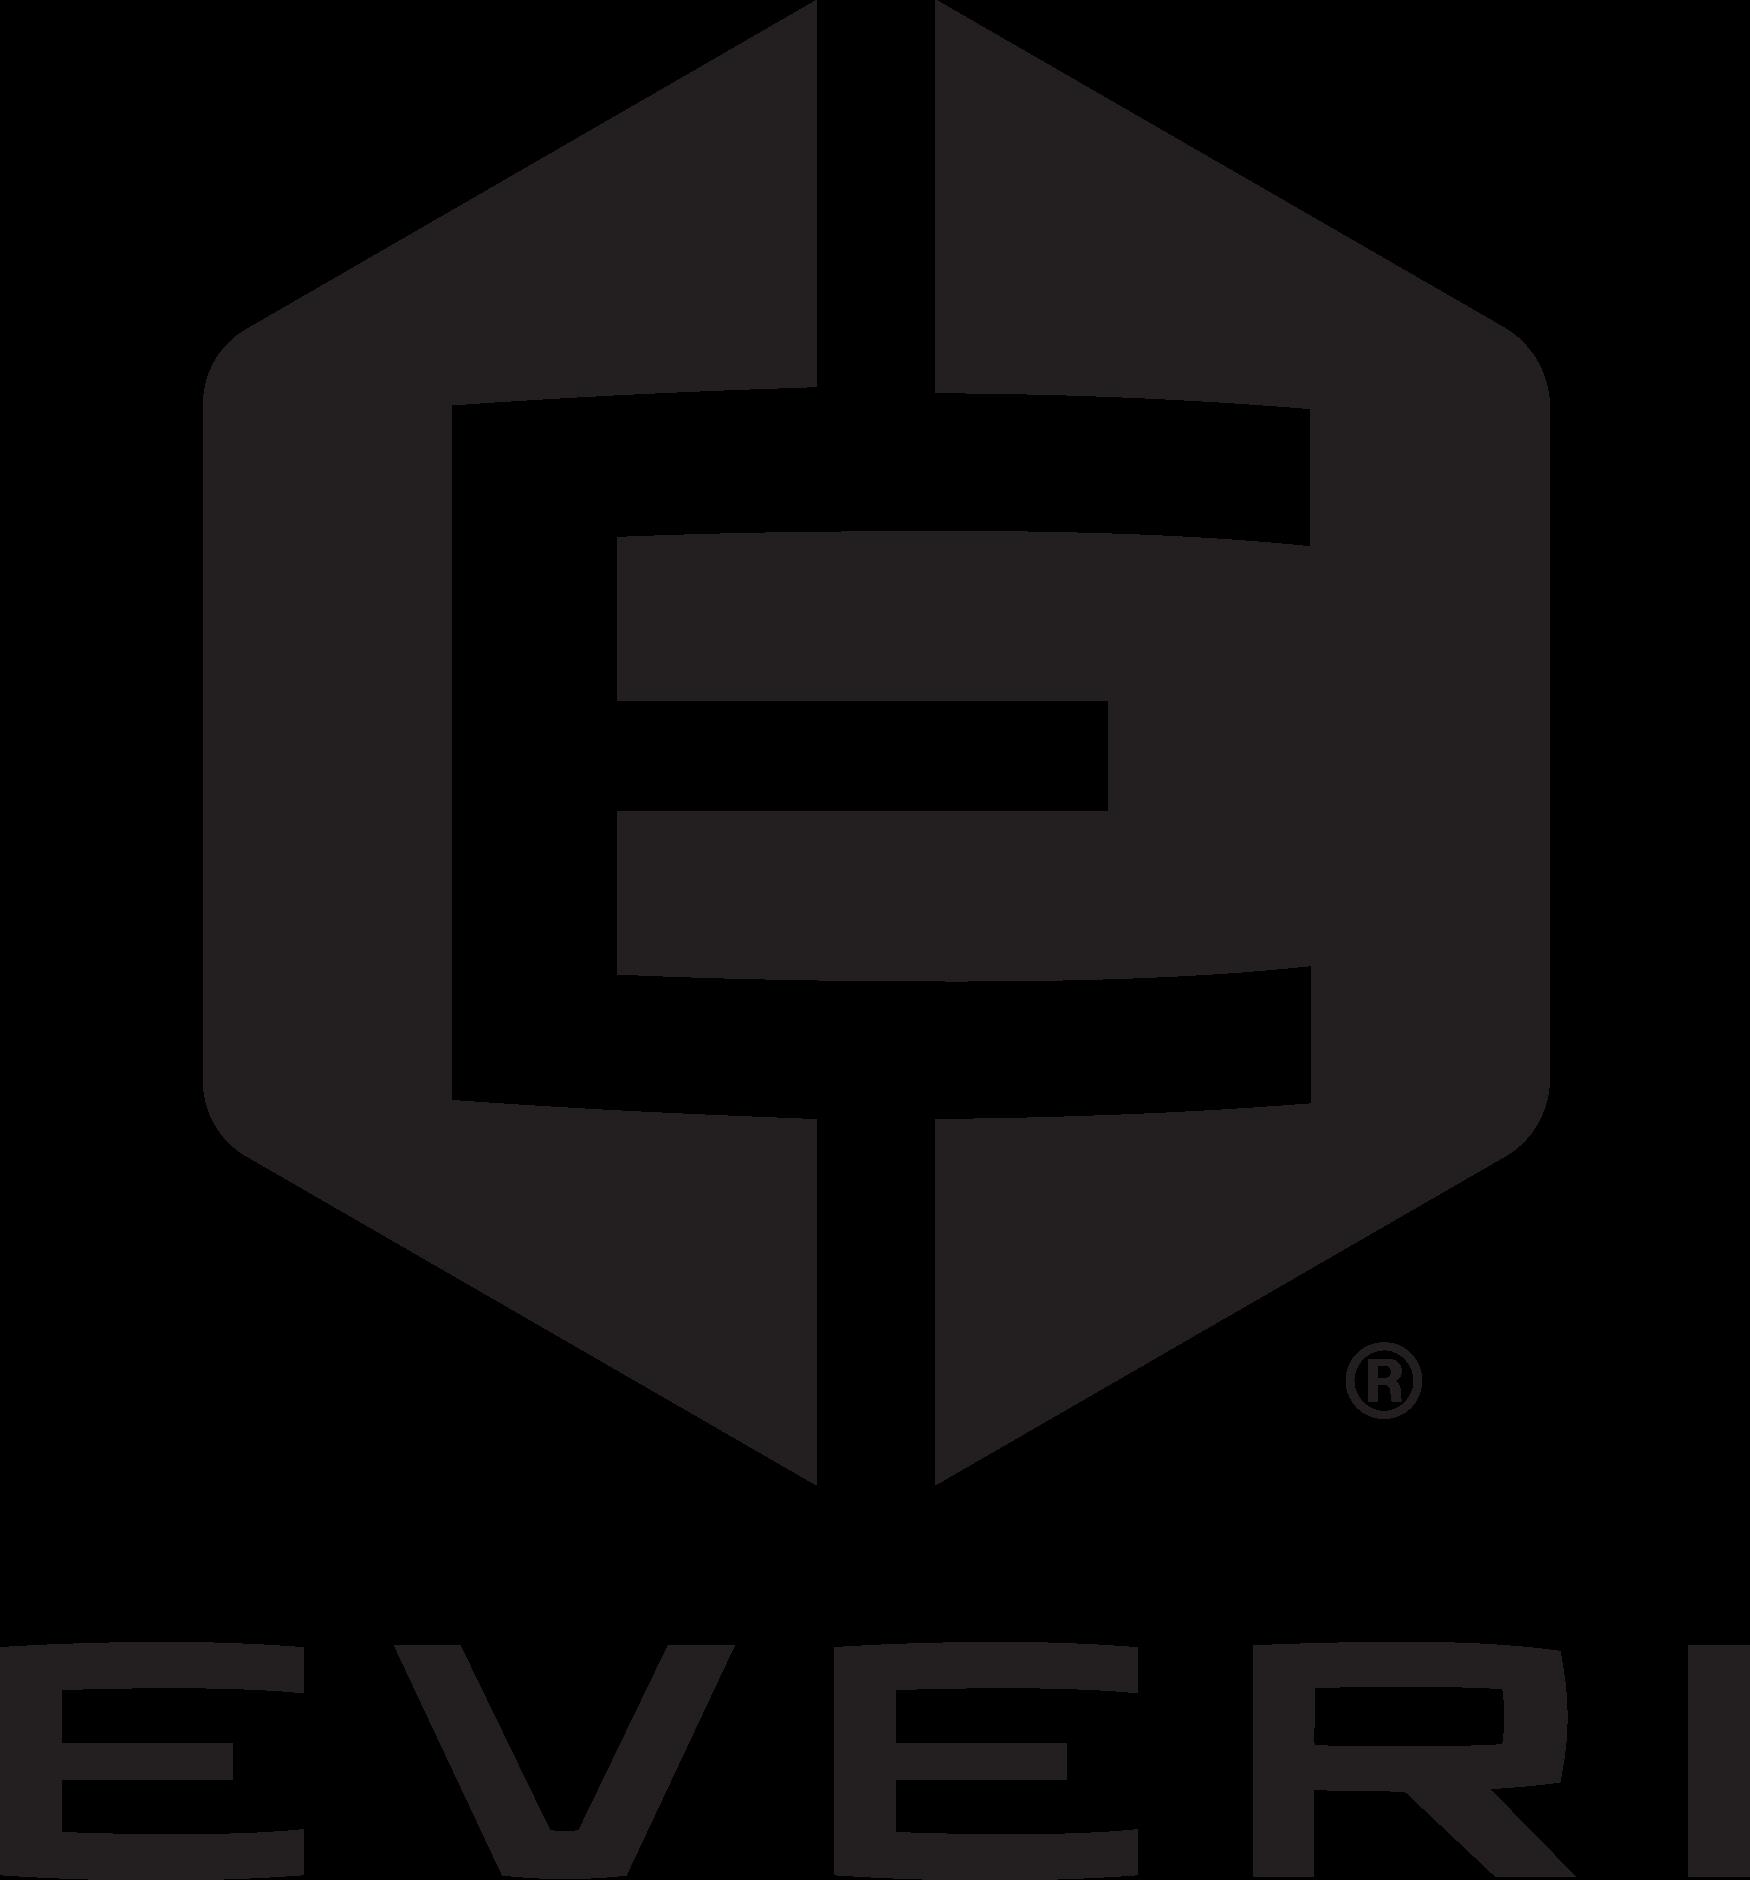 EVERILOGOBLK1.JPG